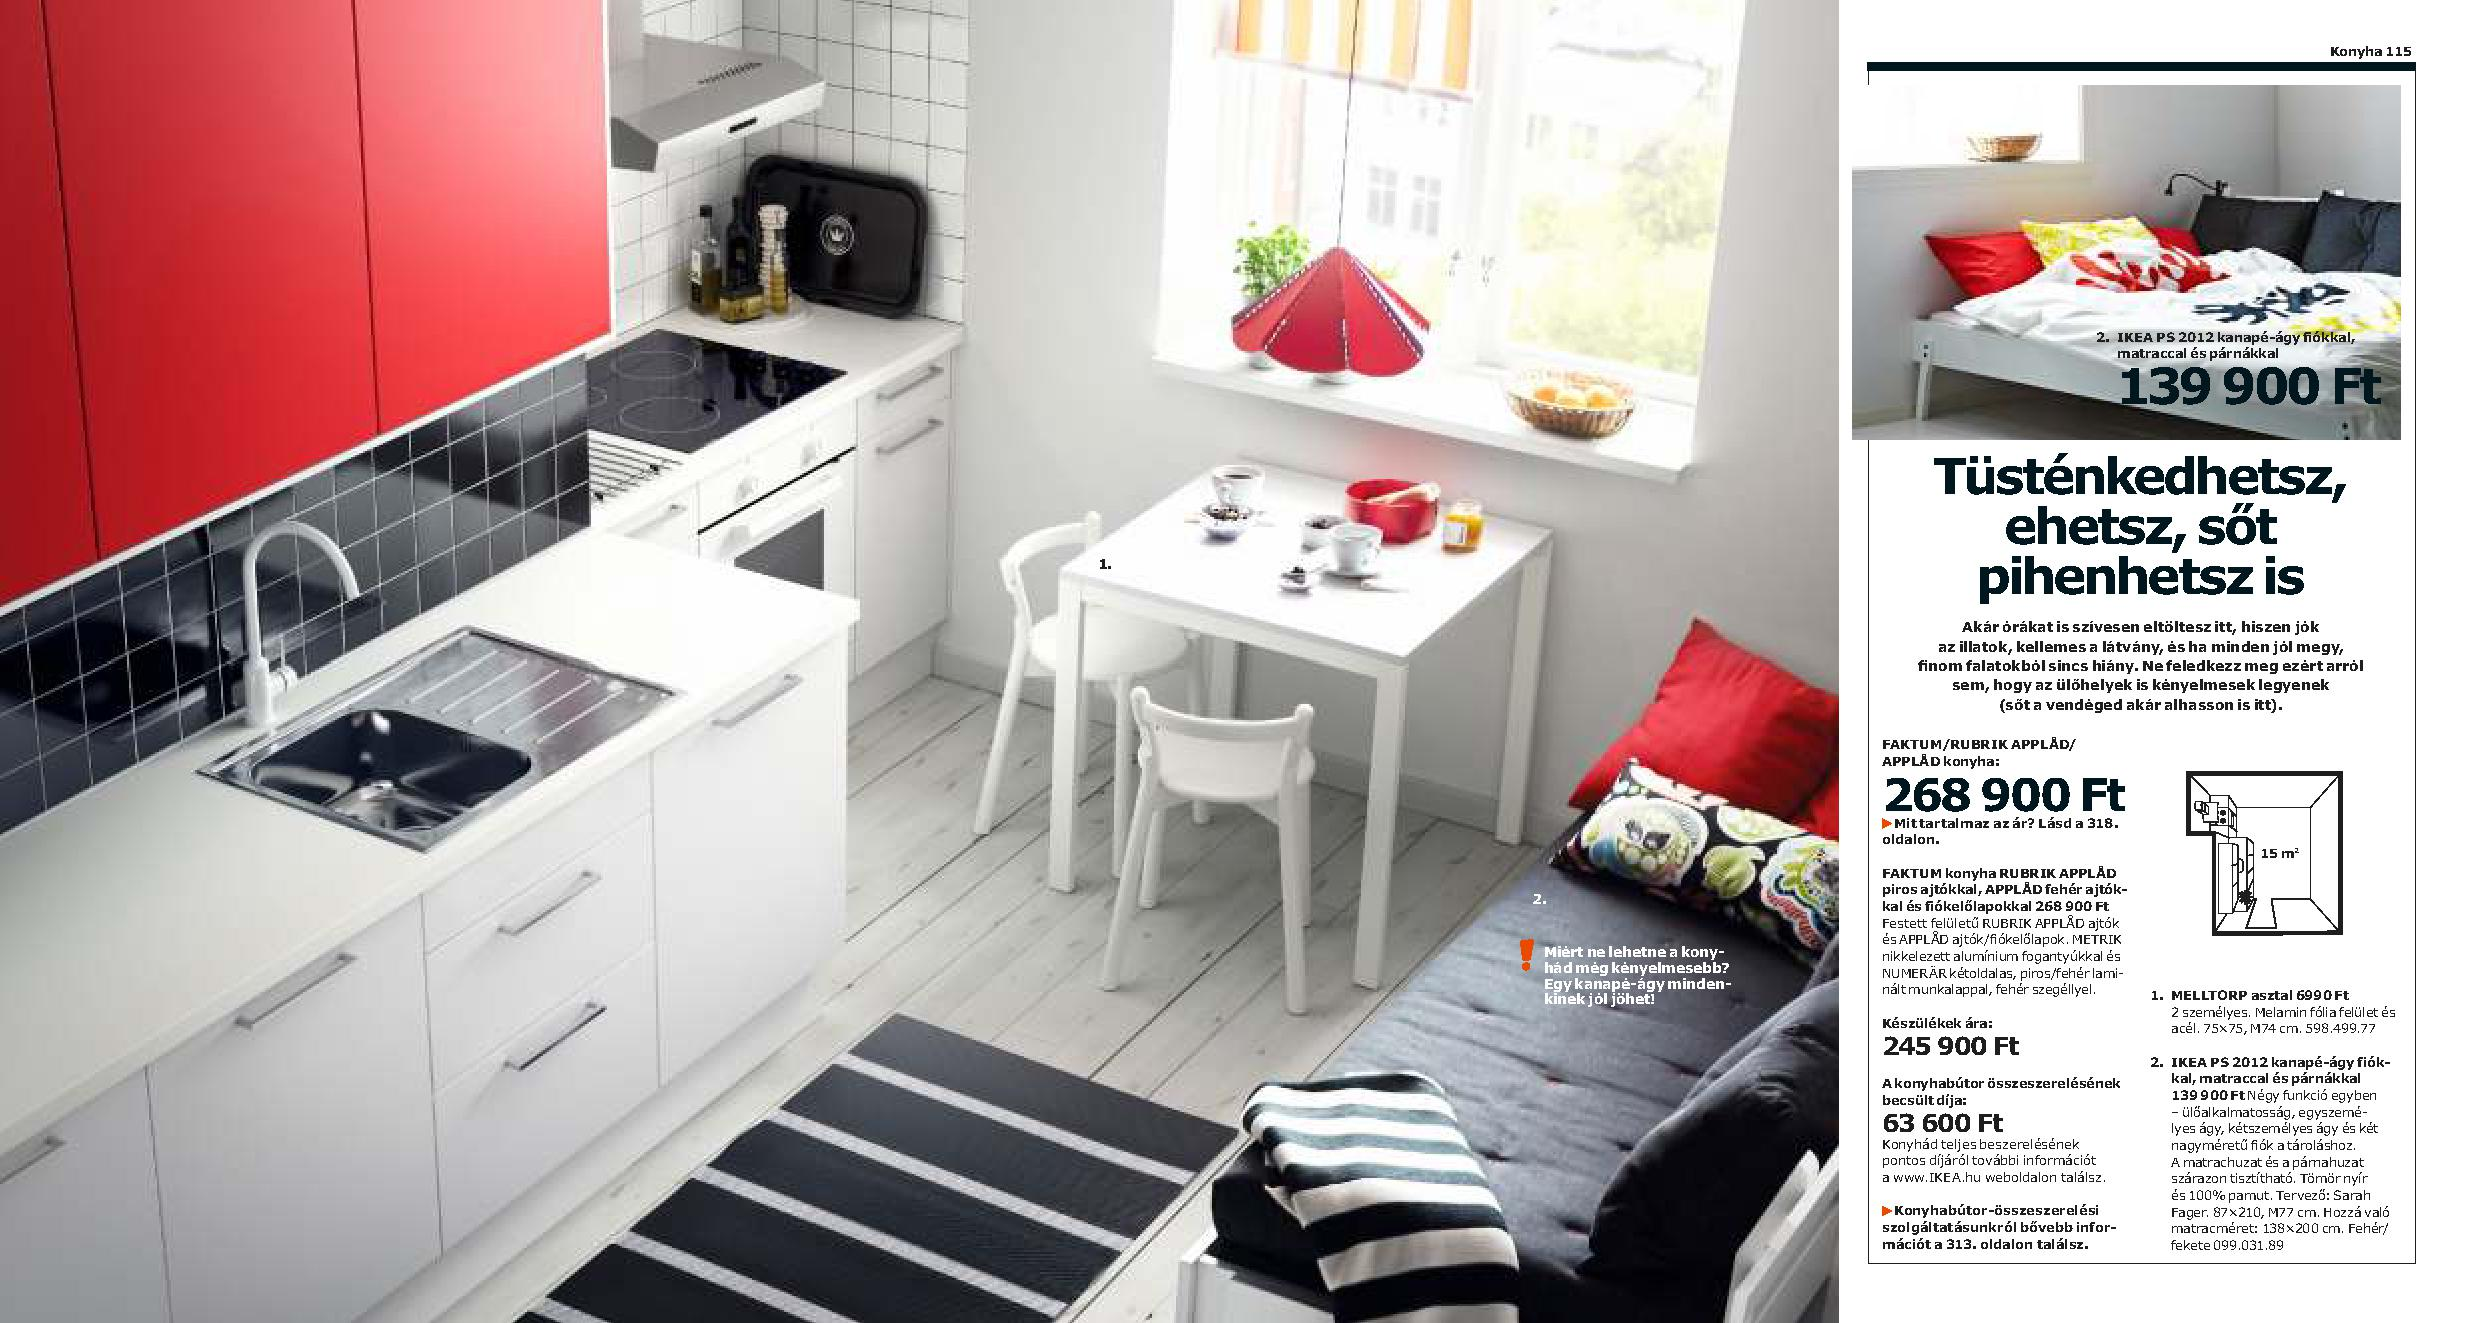 Ikea katalog super ponude